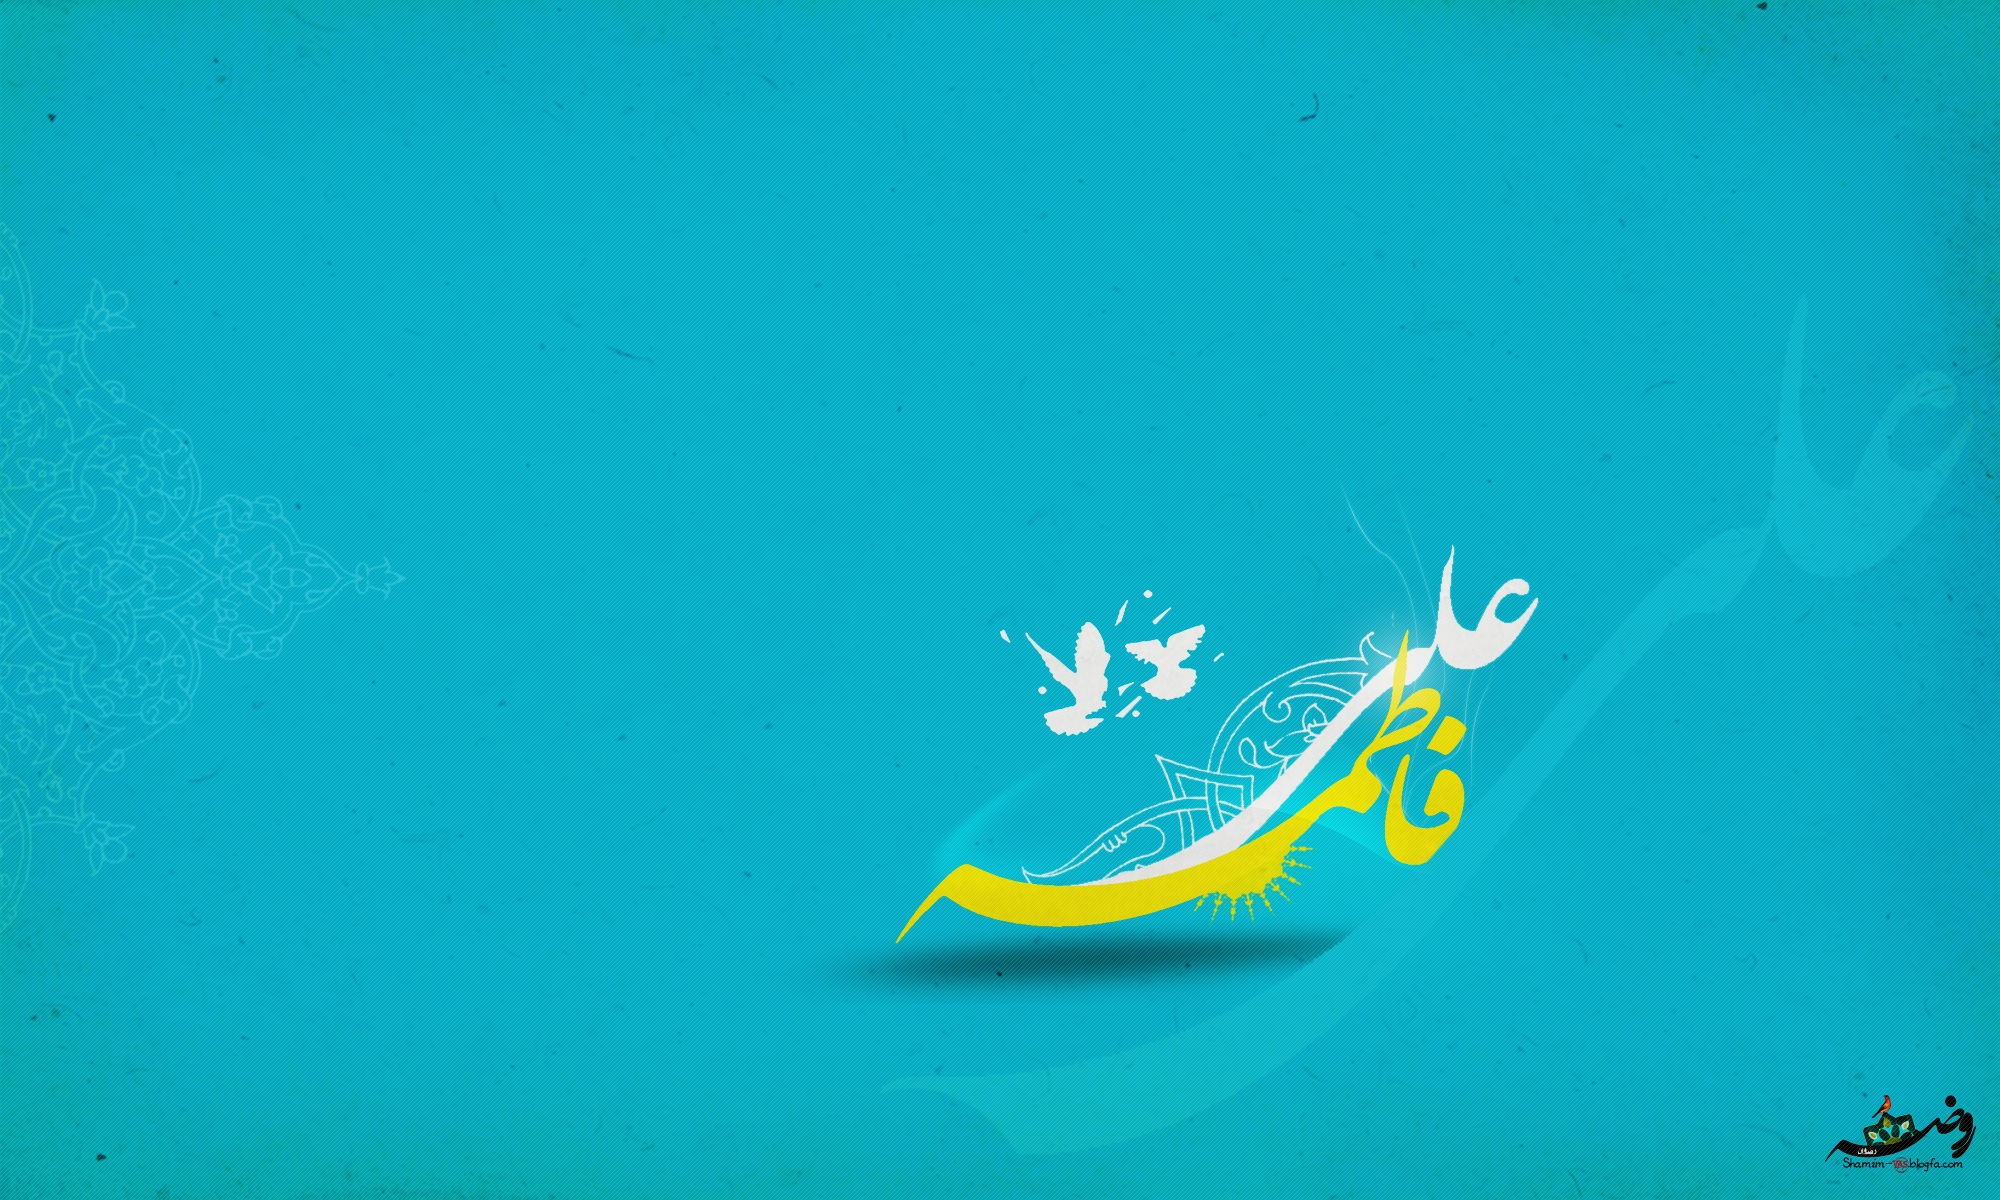 http://shamim-yas.persiangig.com/image/TarhMazhabi/Jadid%201391/AliZahra1391b.jpg